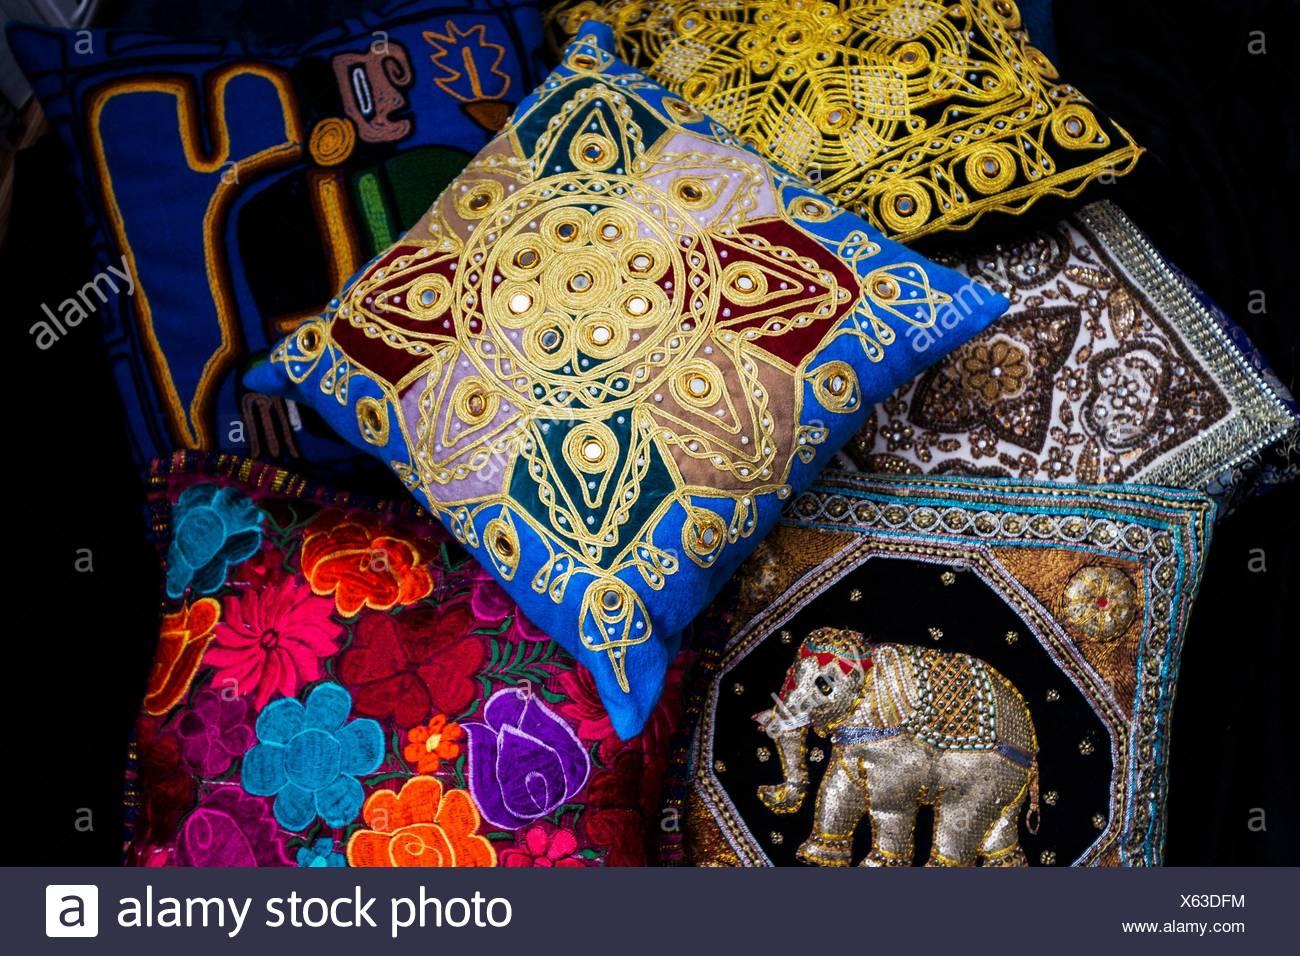 Assortimento di accento internazionale cuscini dal sud-est asiatico, Nord Africa, America Centrale e Sud America. Immagini Stock